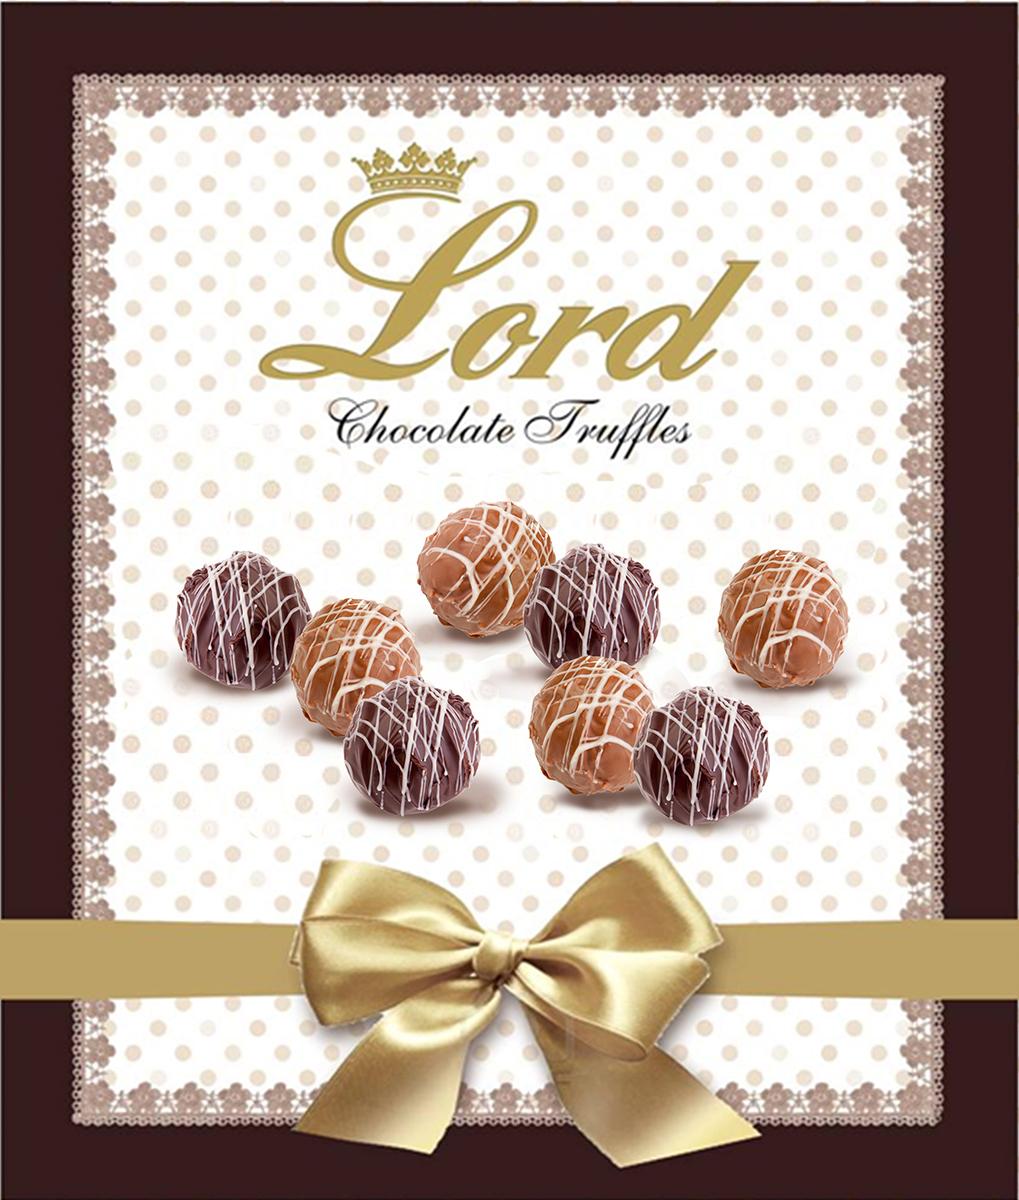 Lord Трюфели шоколадные конфеты с начинкой, 160 г коркунов ассорти конфеты темный и молочный шоколад 110 г